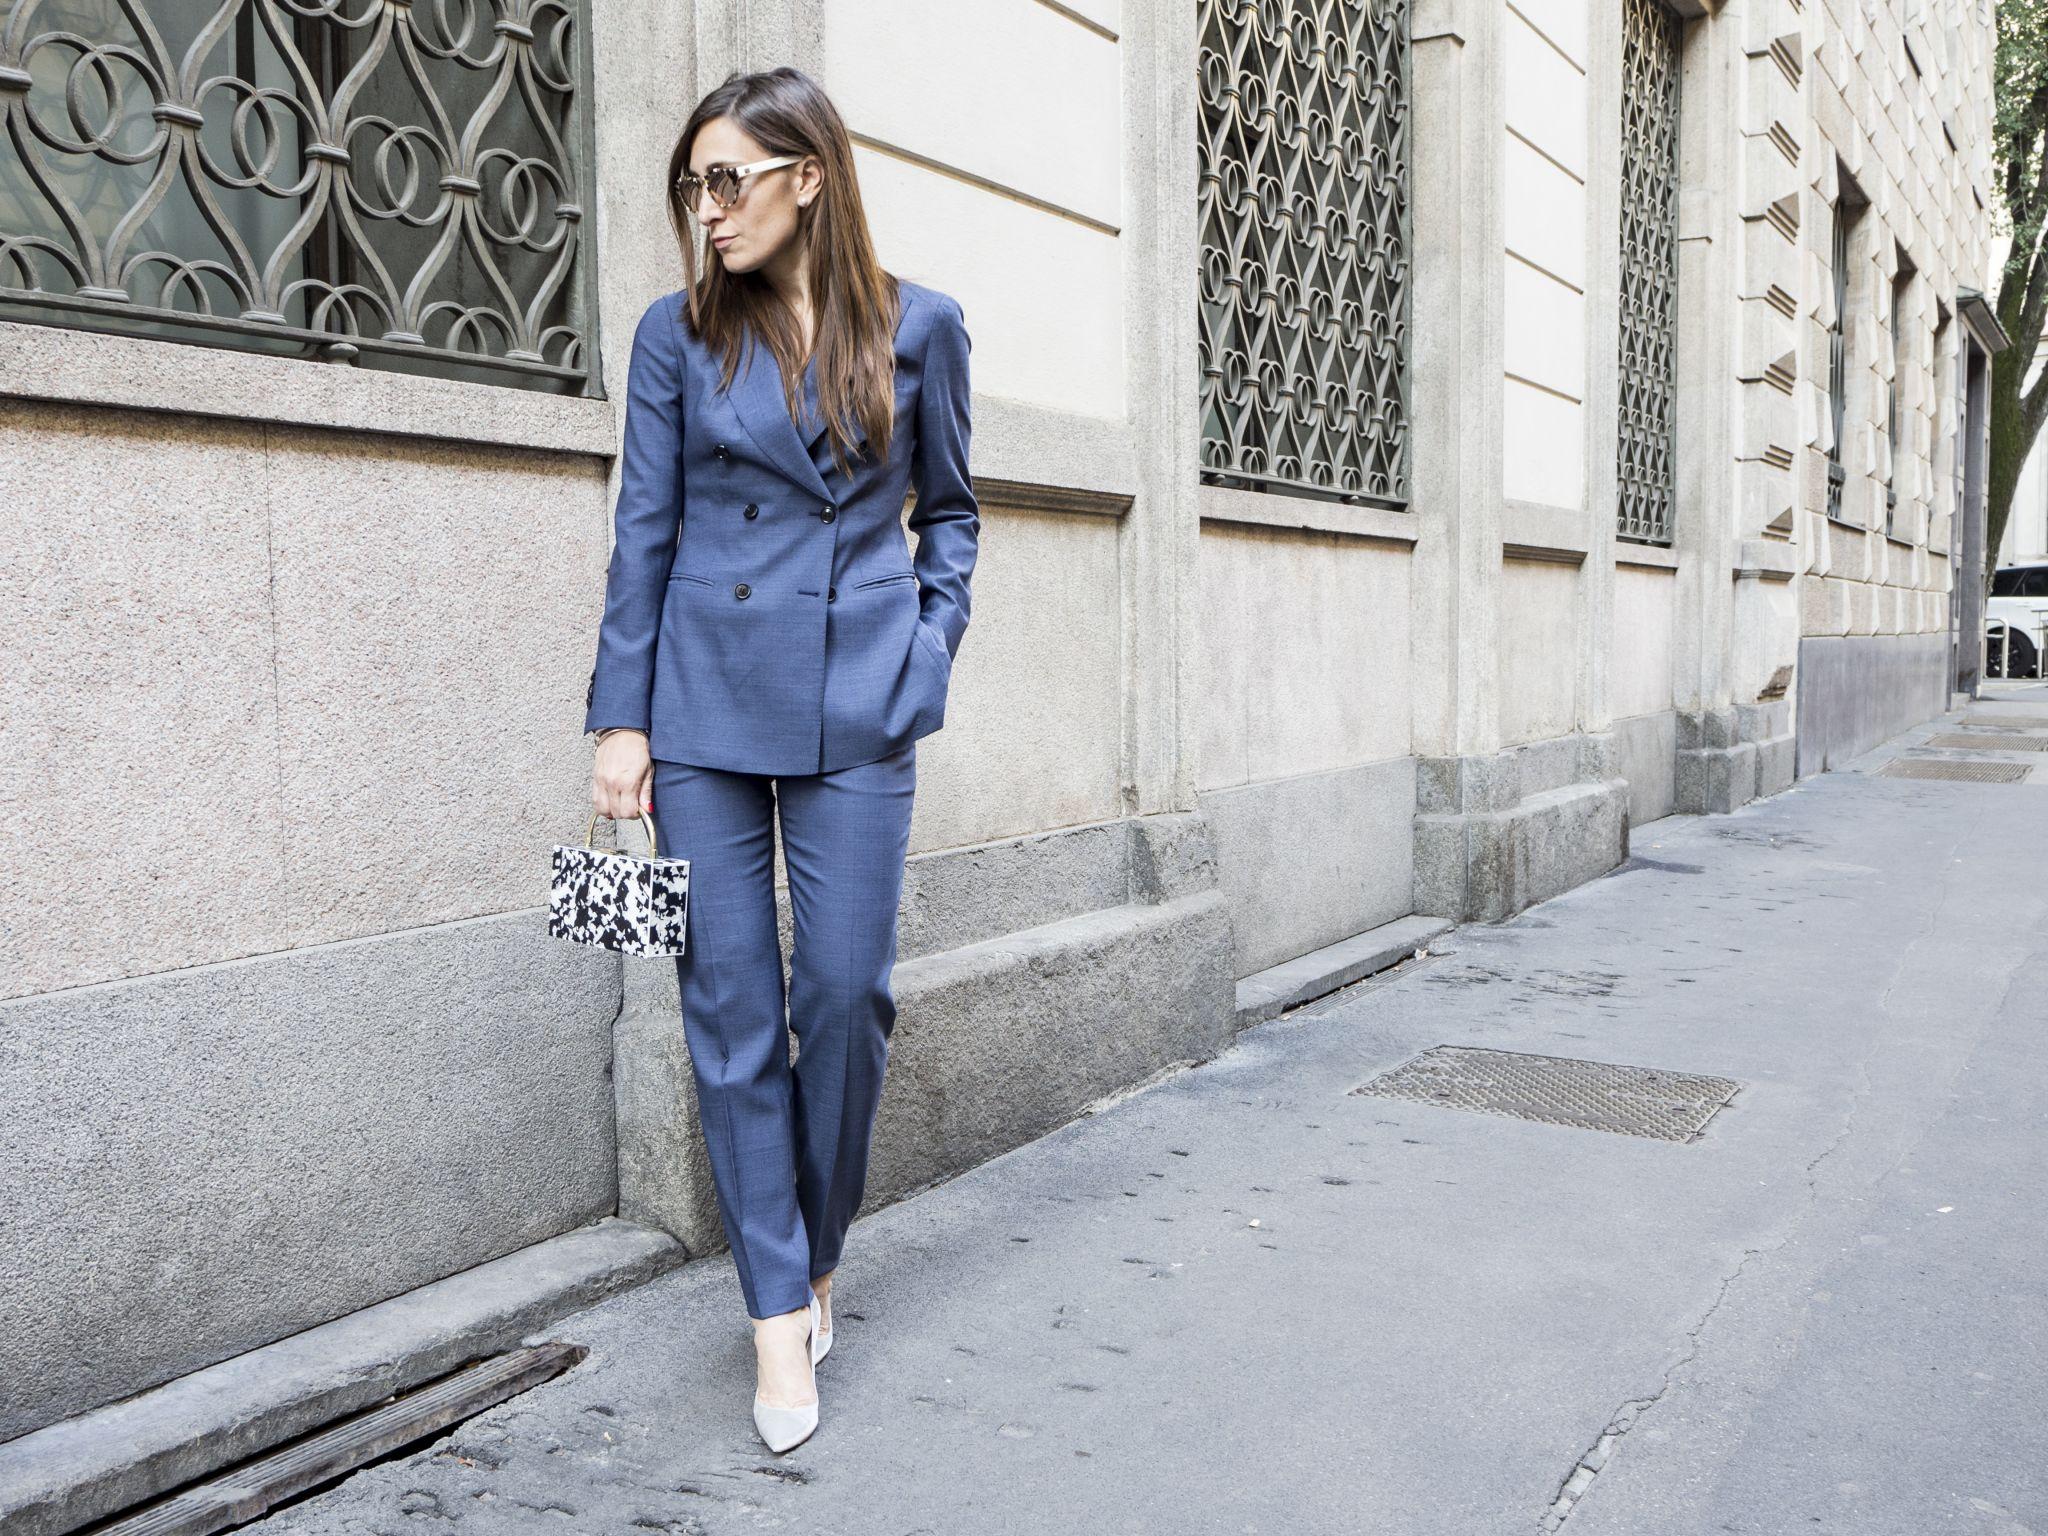 Tailleur Pantalone - Woman Suit